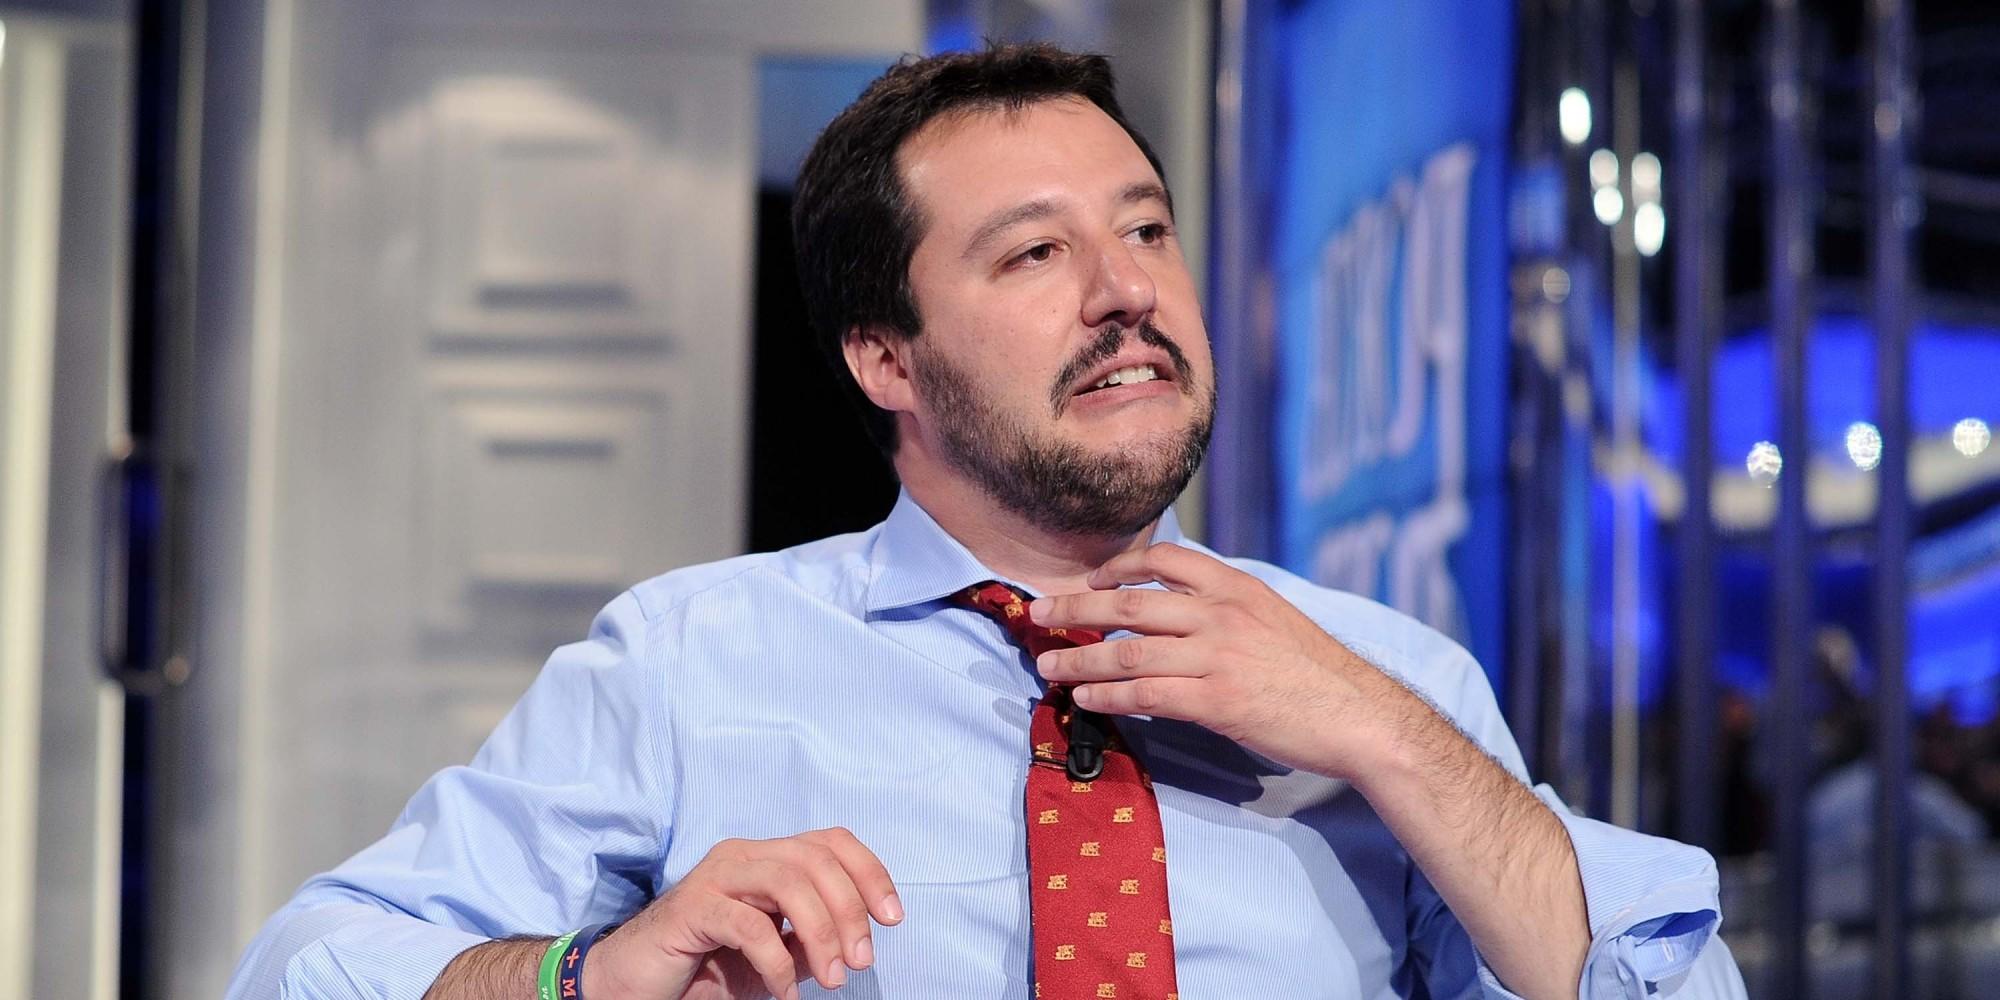 Matteo Salvini fidanzato con la modella Ahlam El Brinis? Gli indizi